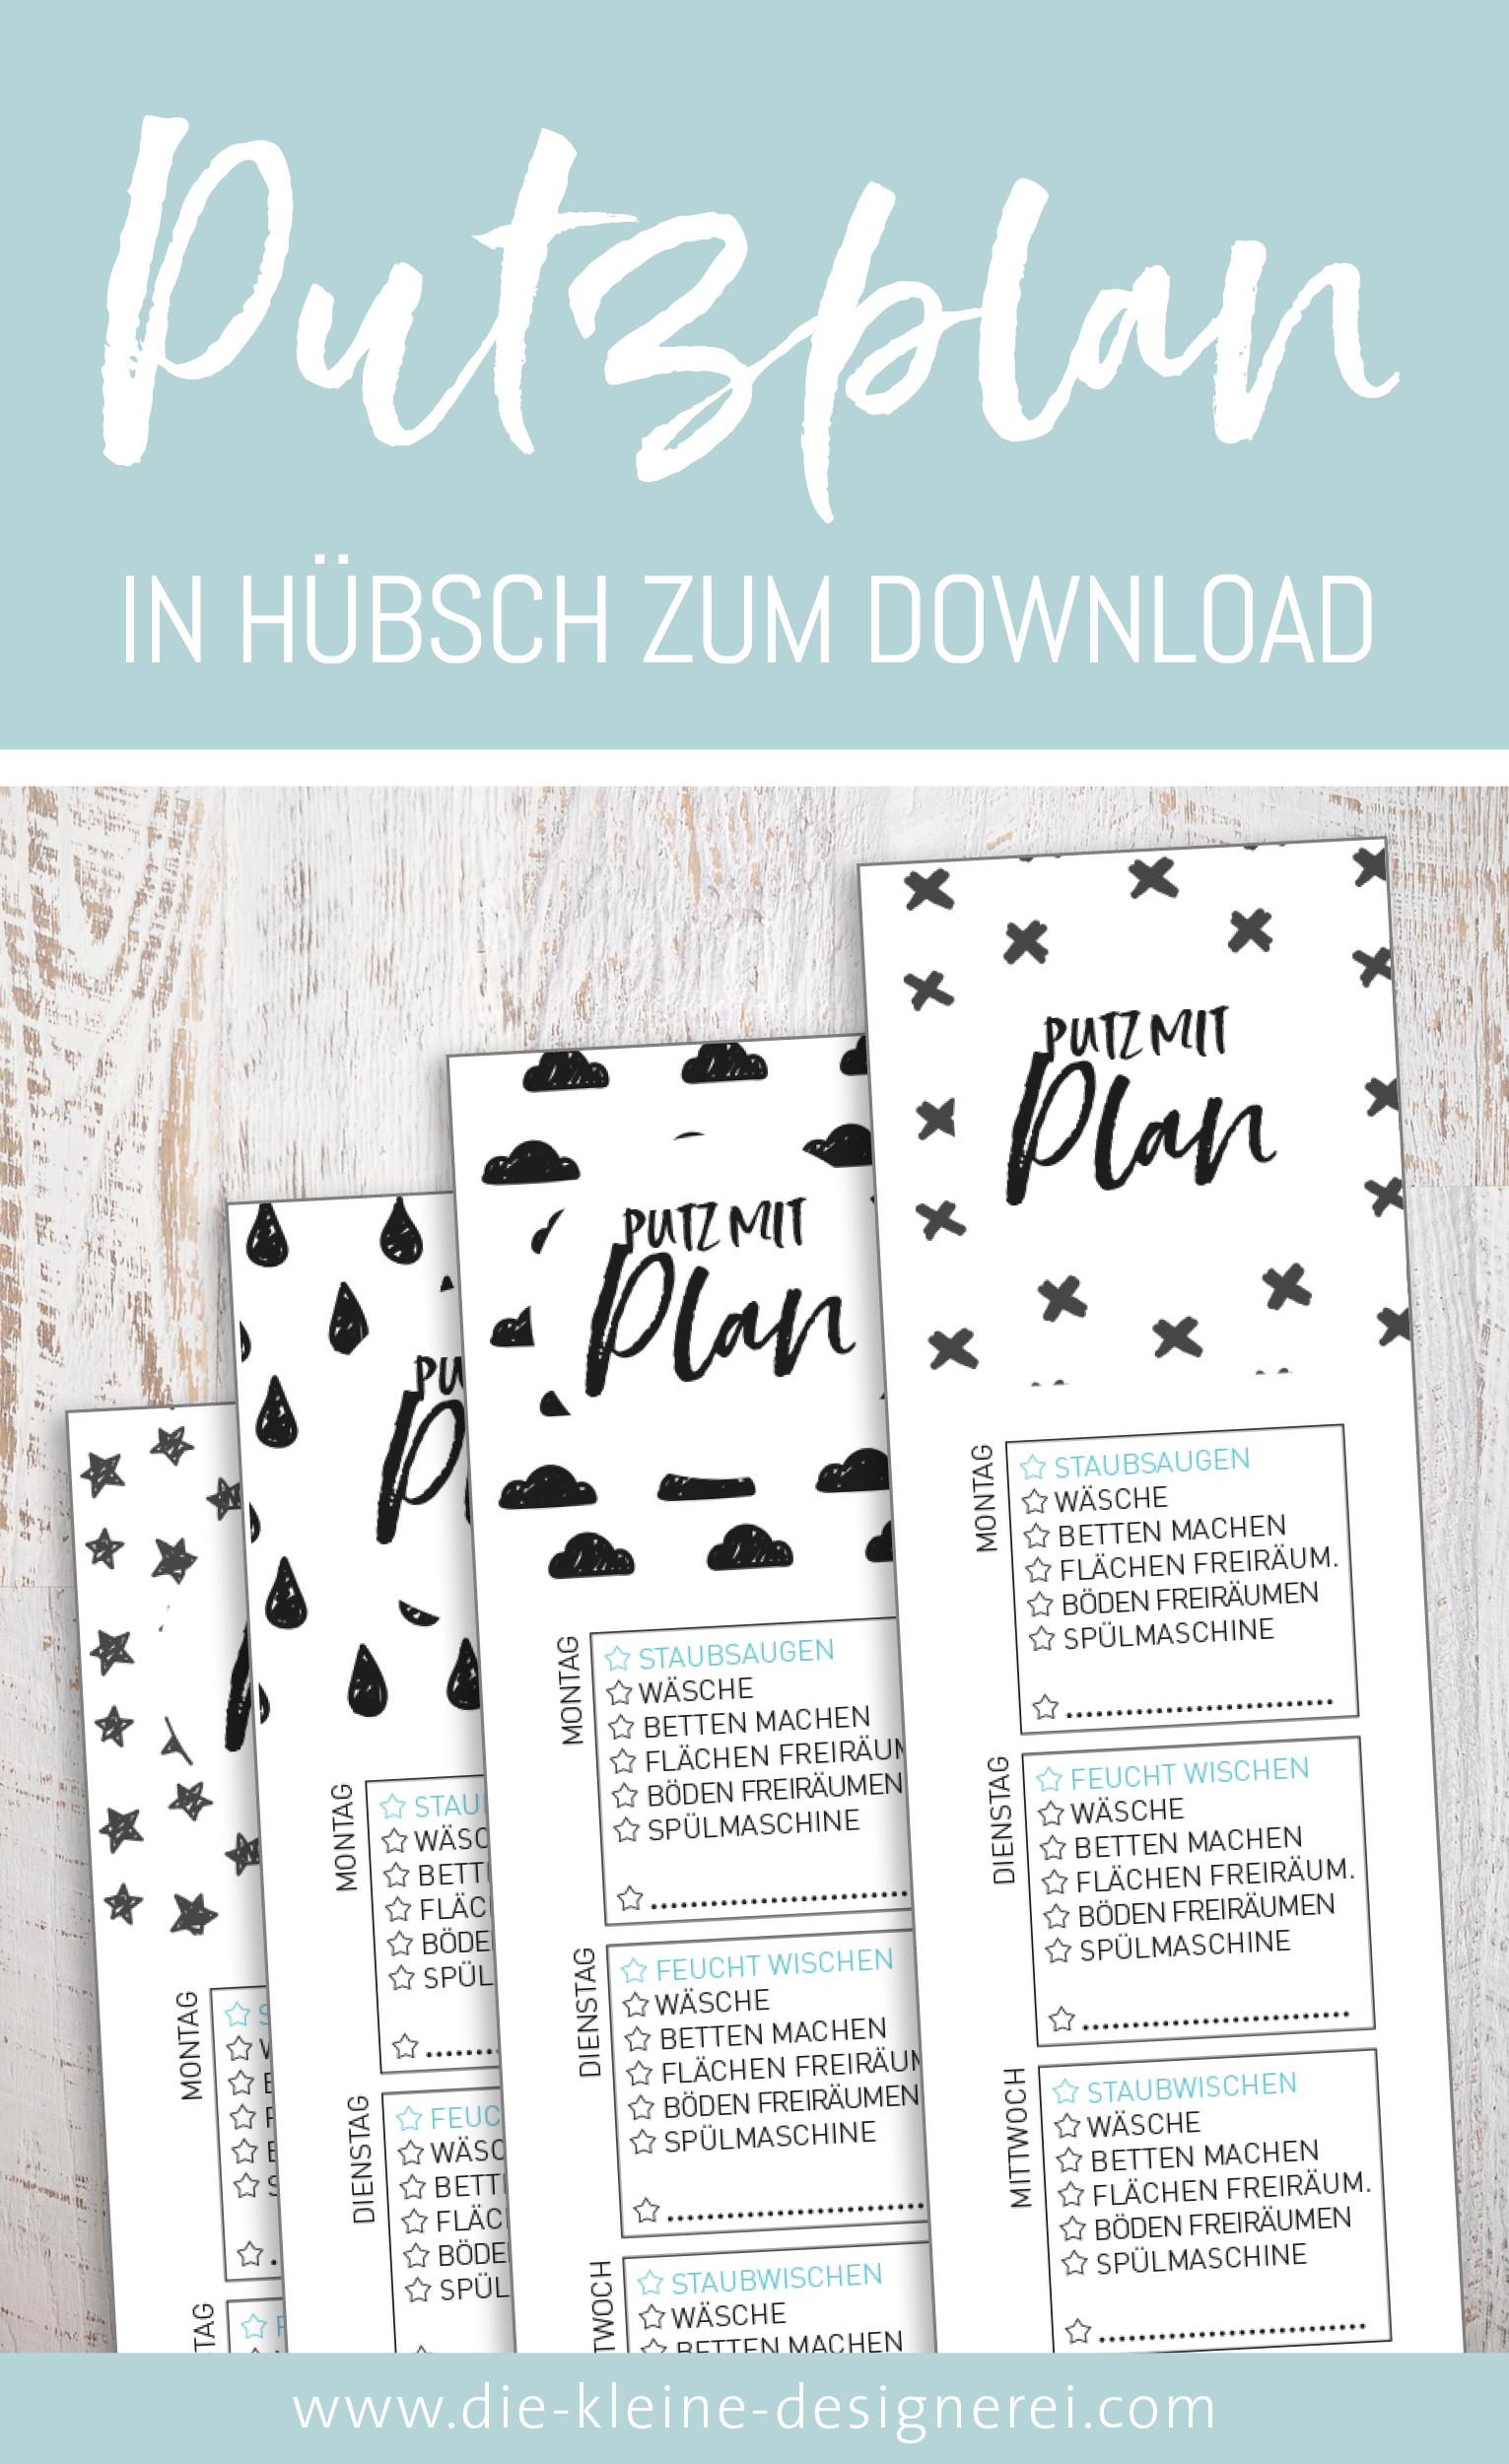 putzplan zum ausdrucken haushalt pinterest checkliste planer und putzplan. Black Bedroom Furniture Sets. Home Design Ideas